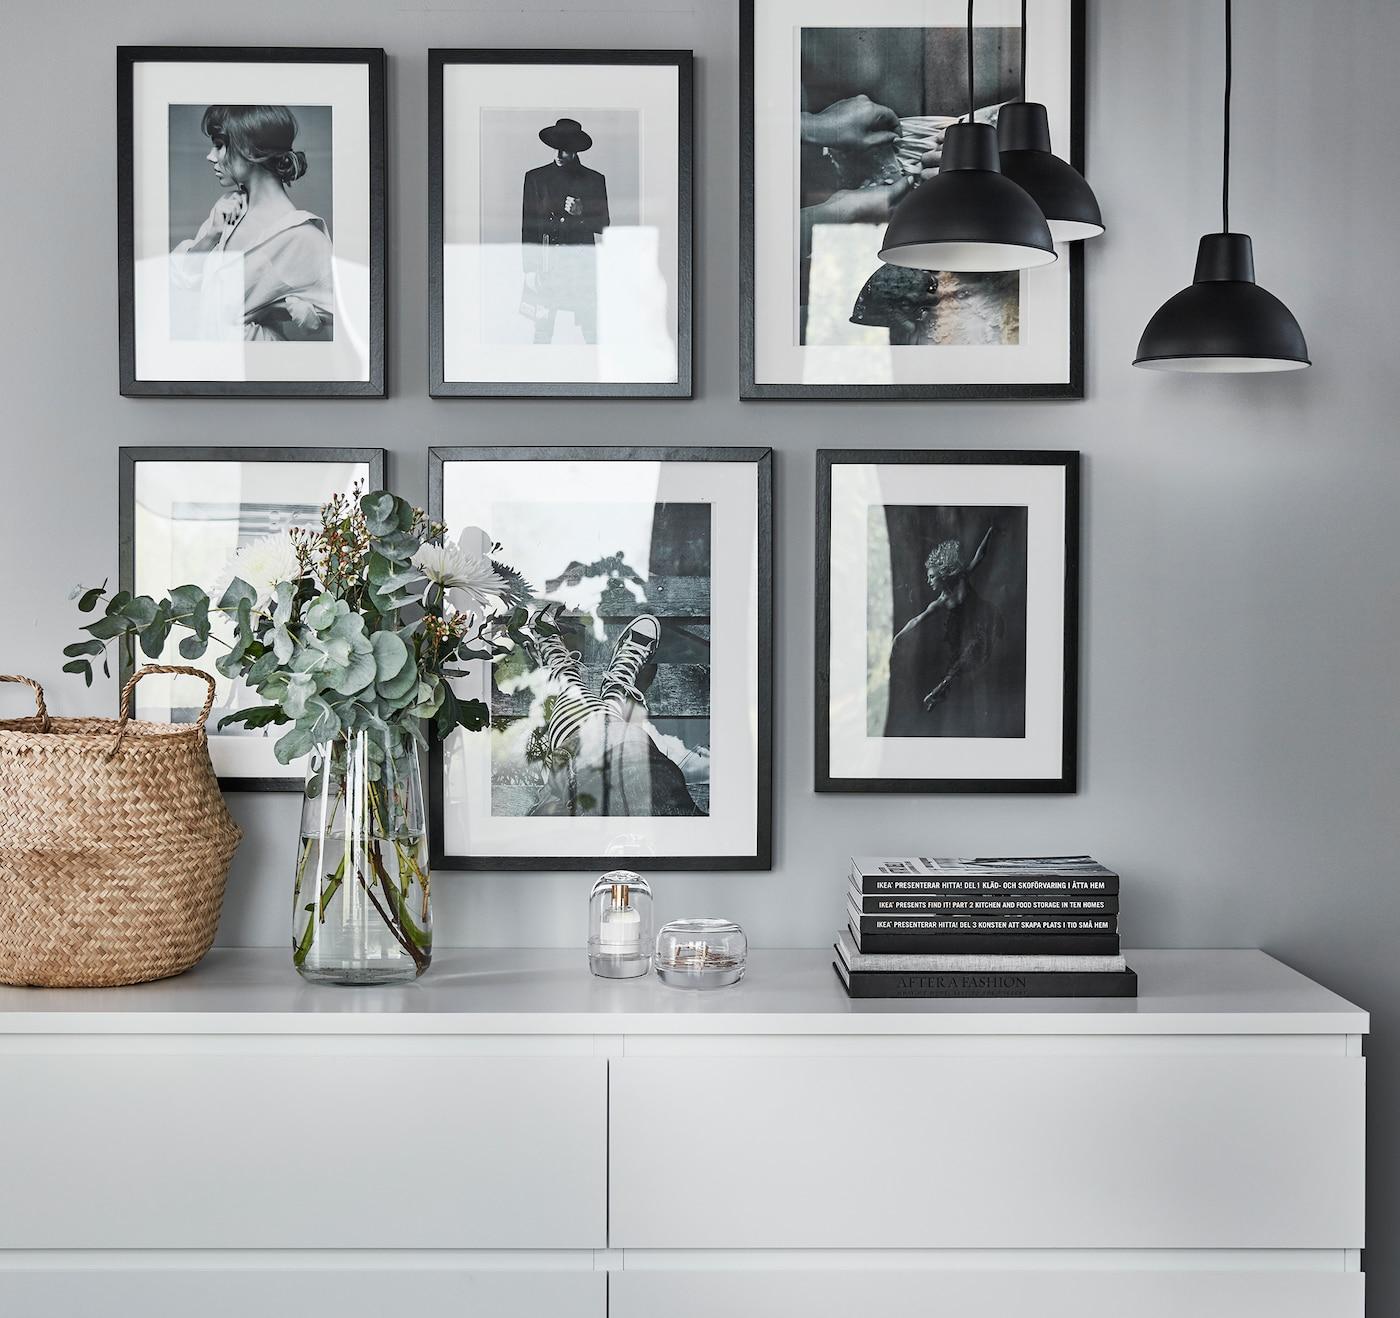 Vaalea lipasto, kukkakimppu ja seinä jossa useita kauniita mustavalkoisia valokuvia mustissa kehyksissä.